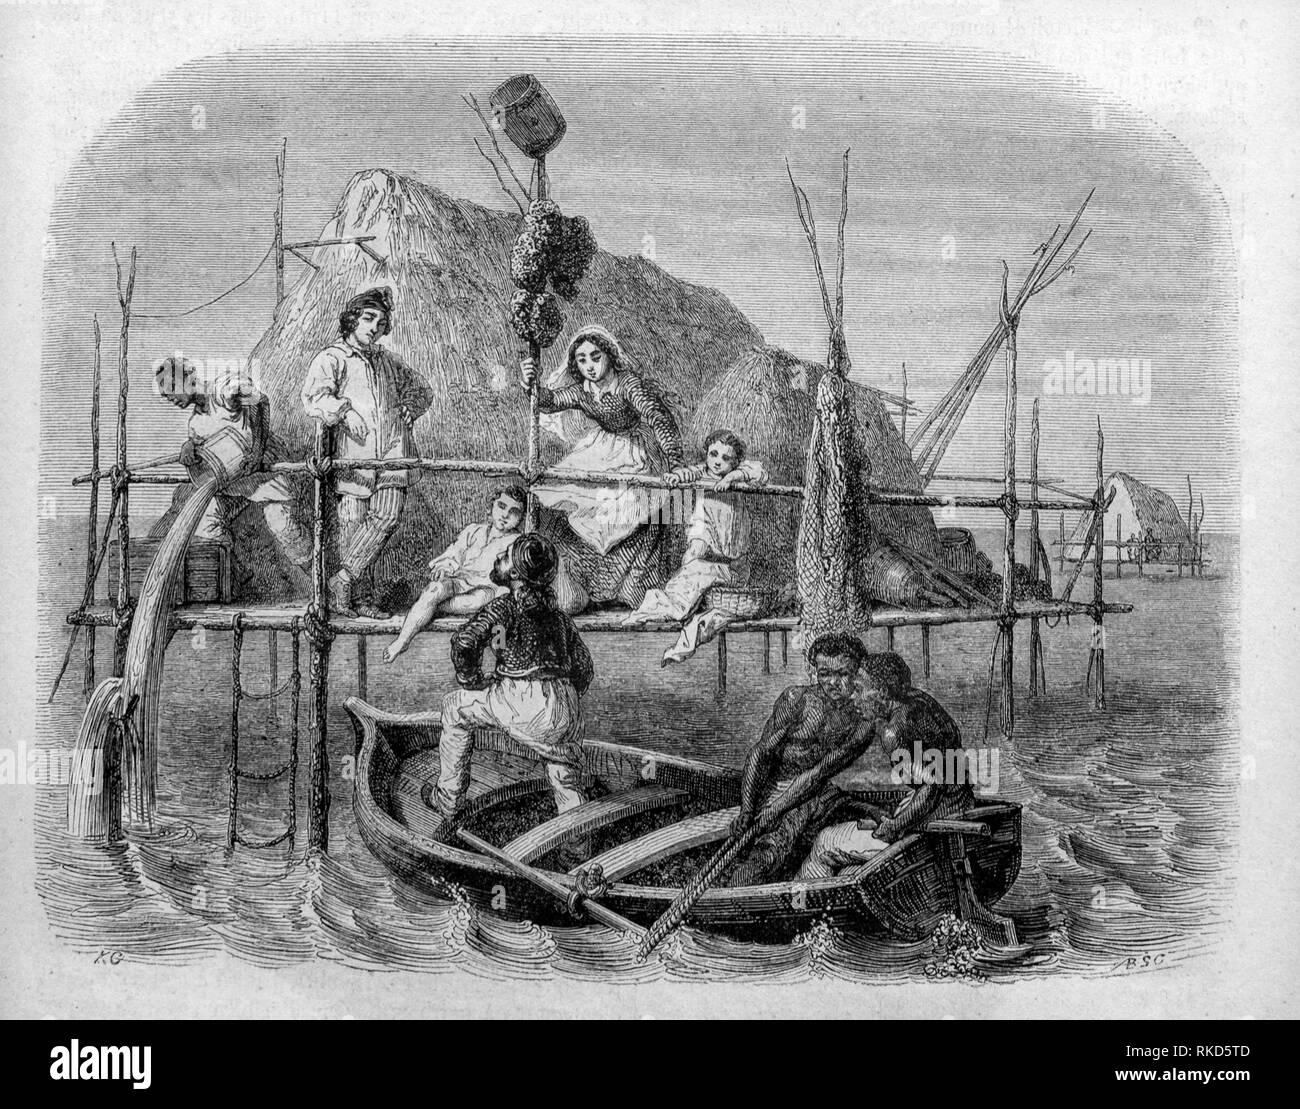 Kuba. Schwämme Fischer. Zeichnung von Karl Girardet, 1853. Schwämme, die Mitglieder der Stamm Porifera (d. h. ''pore Bearer''), sind ein Basaler Metazoen Stockbild